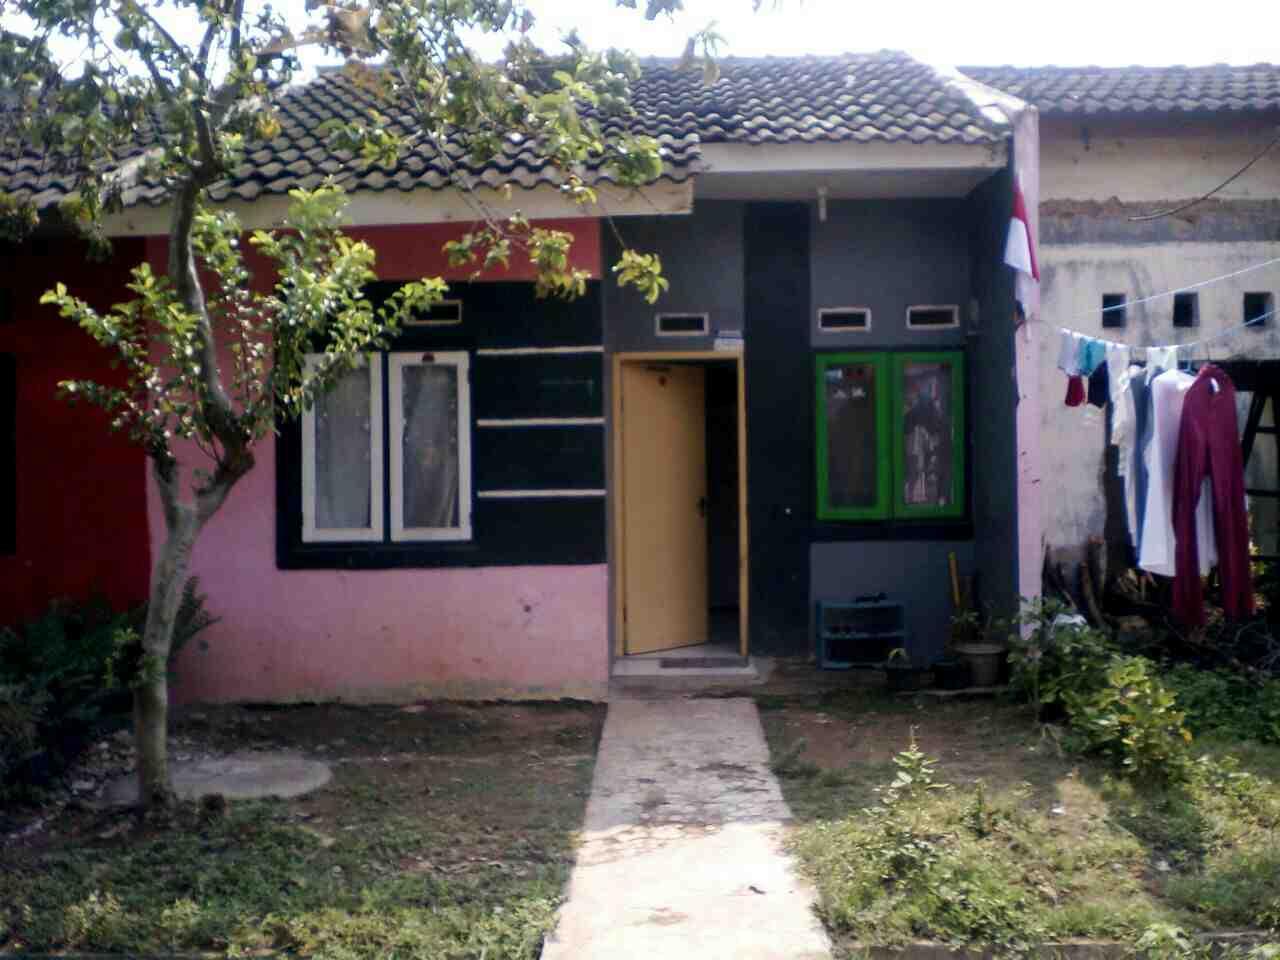 Foto: Over Kredit Rumah Di Perum Pondok Mekar Indah 2 Cikampek